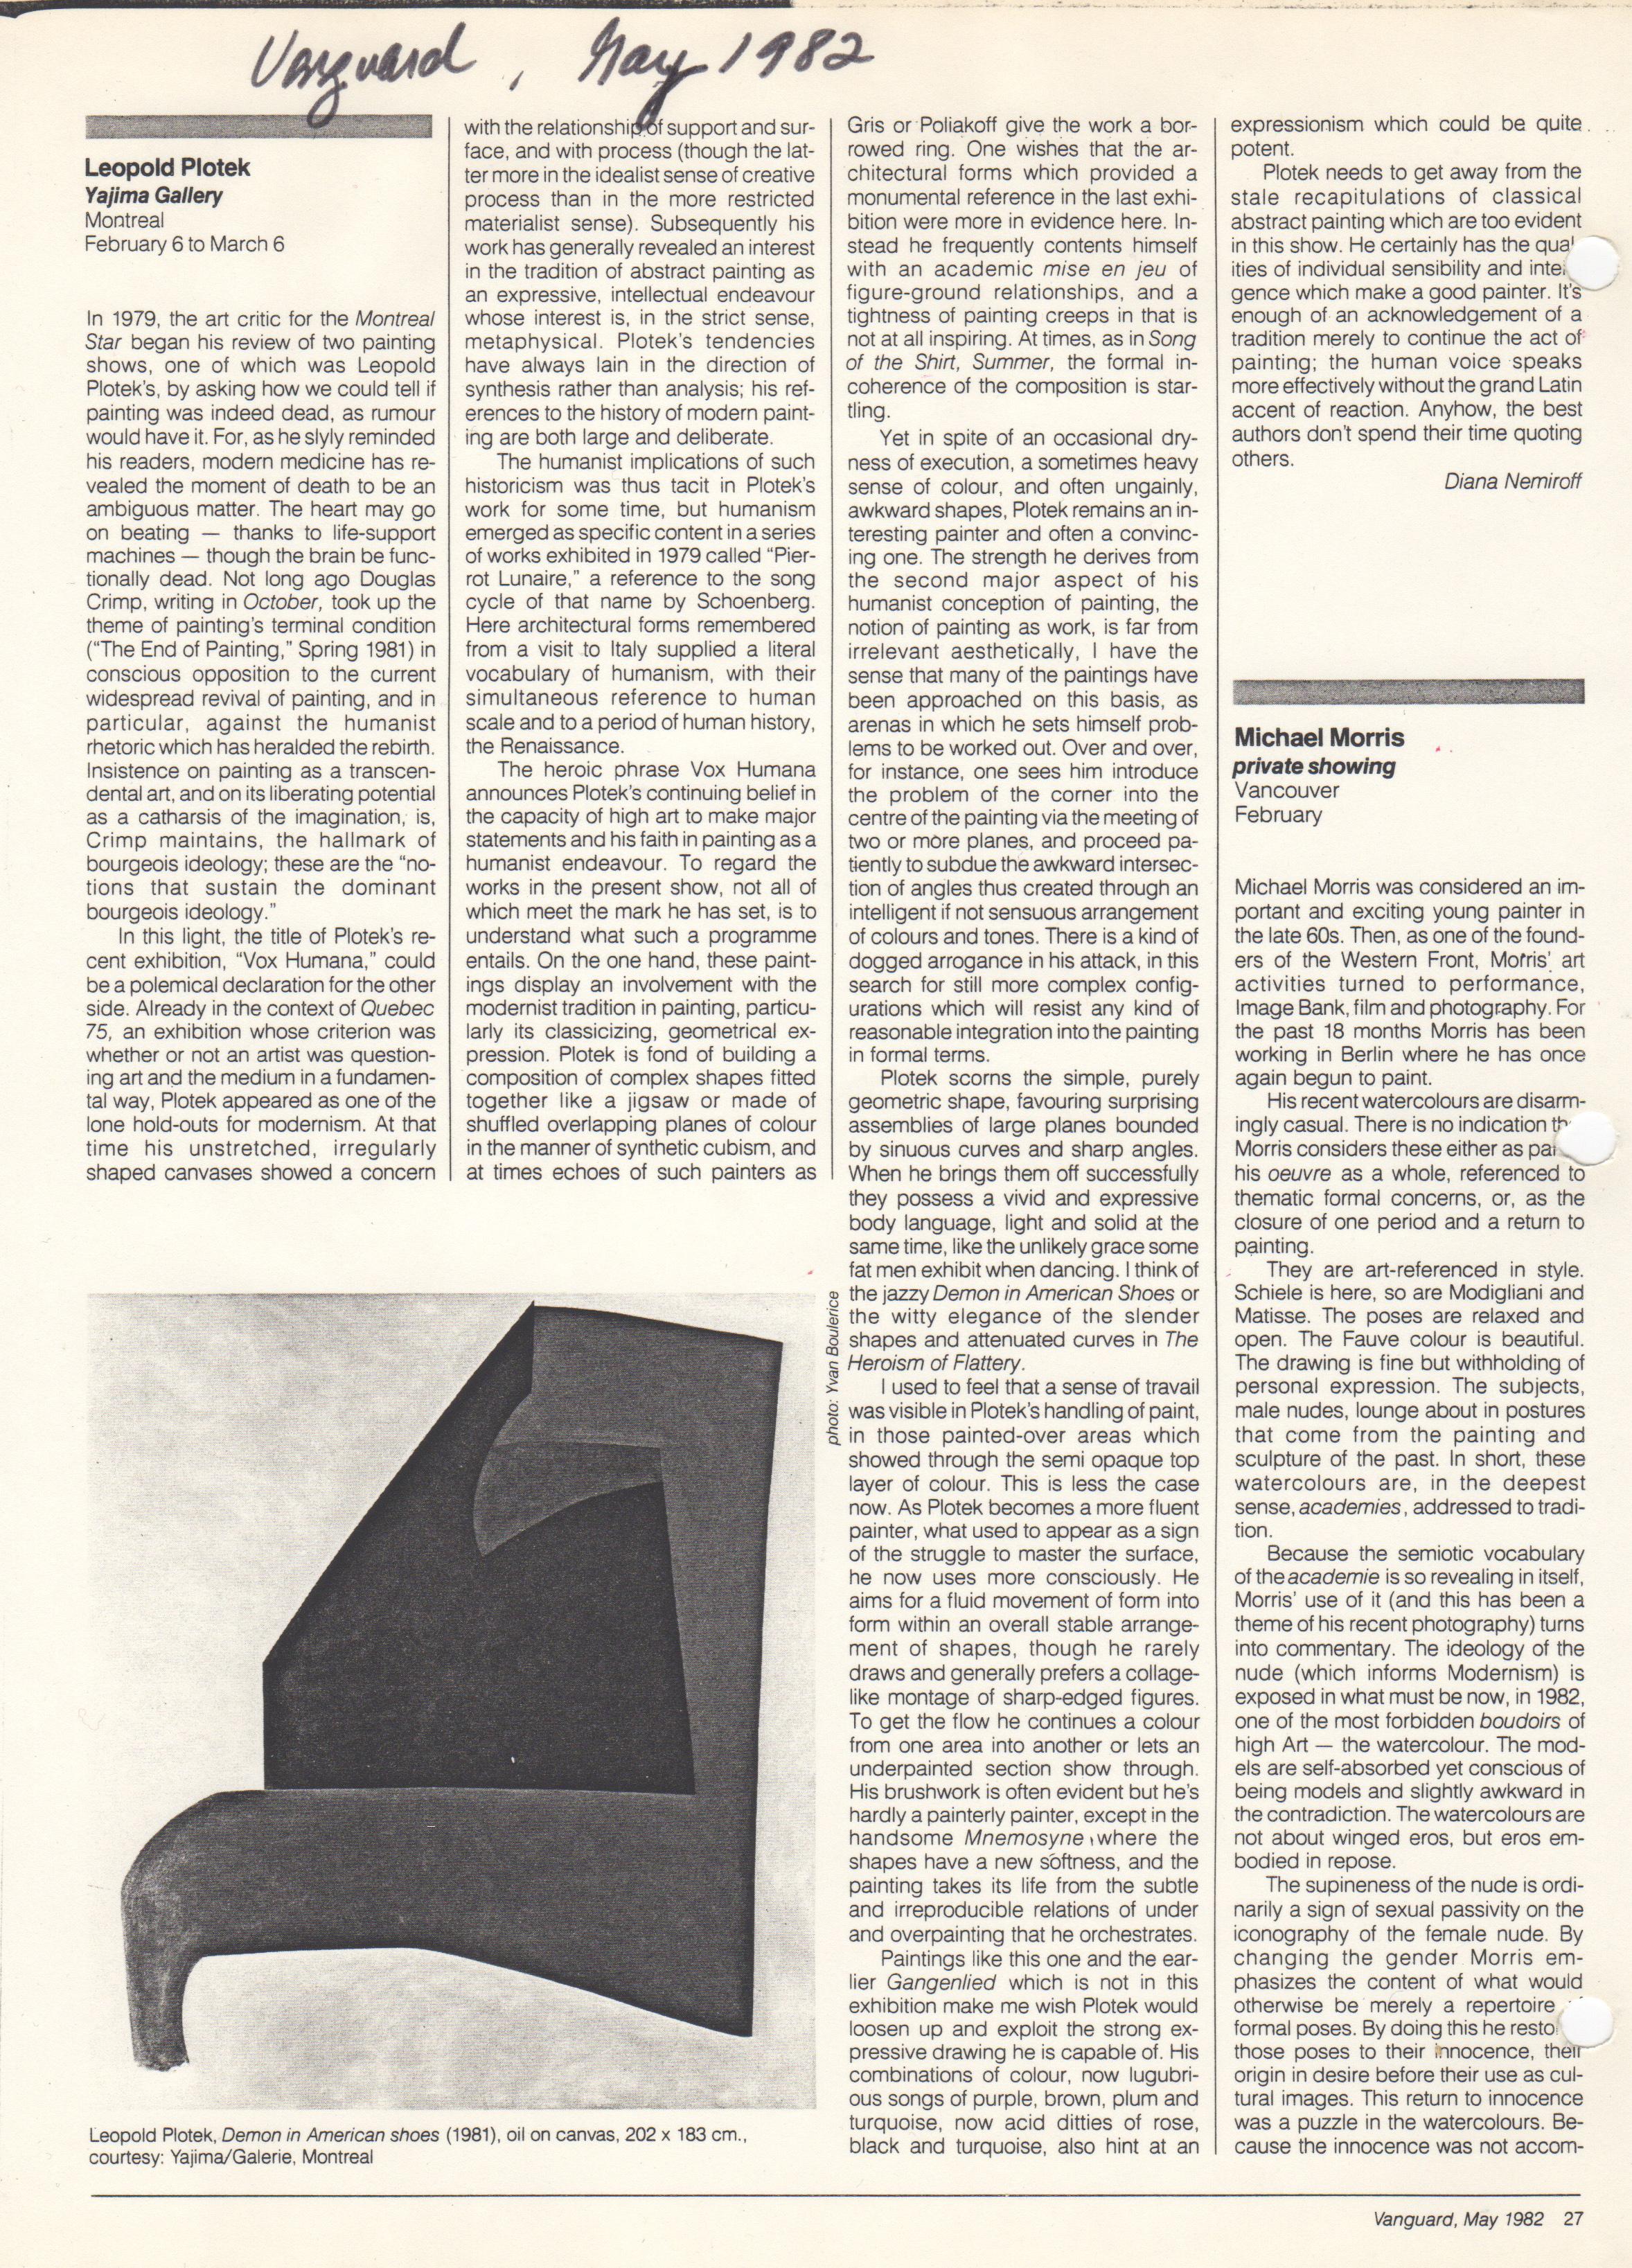 Vanguard Magazine, May 1982